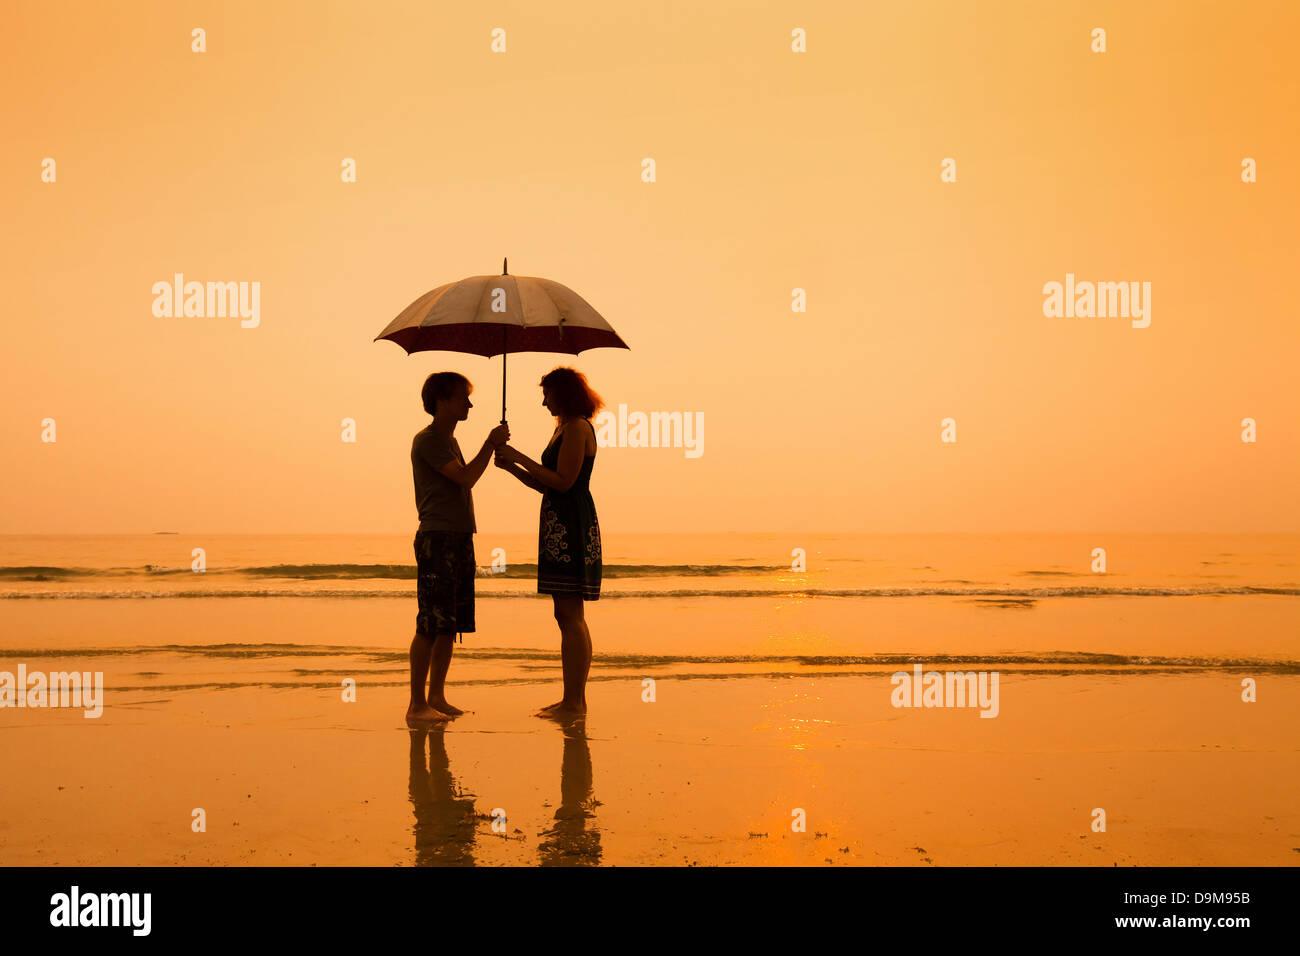 Familie am Strand, Silhouetten des Paares mit Regenschirm Stockbild